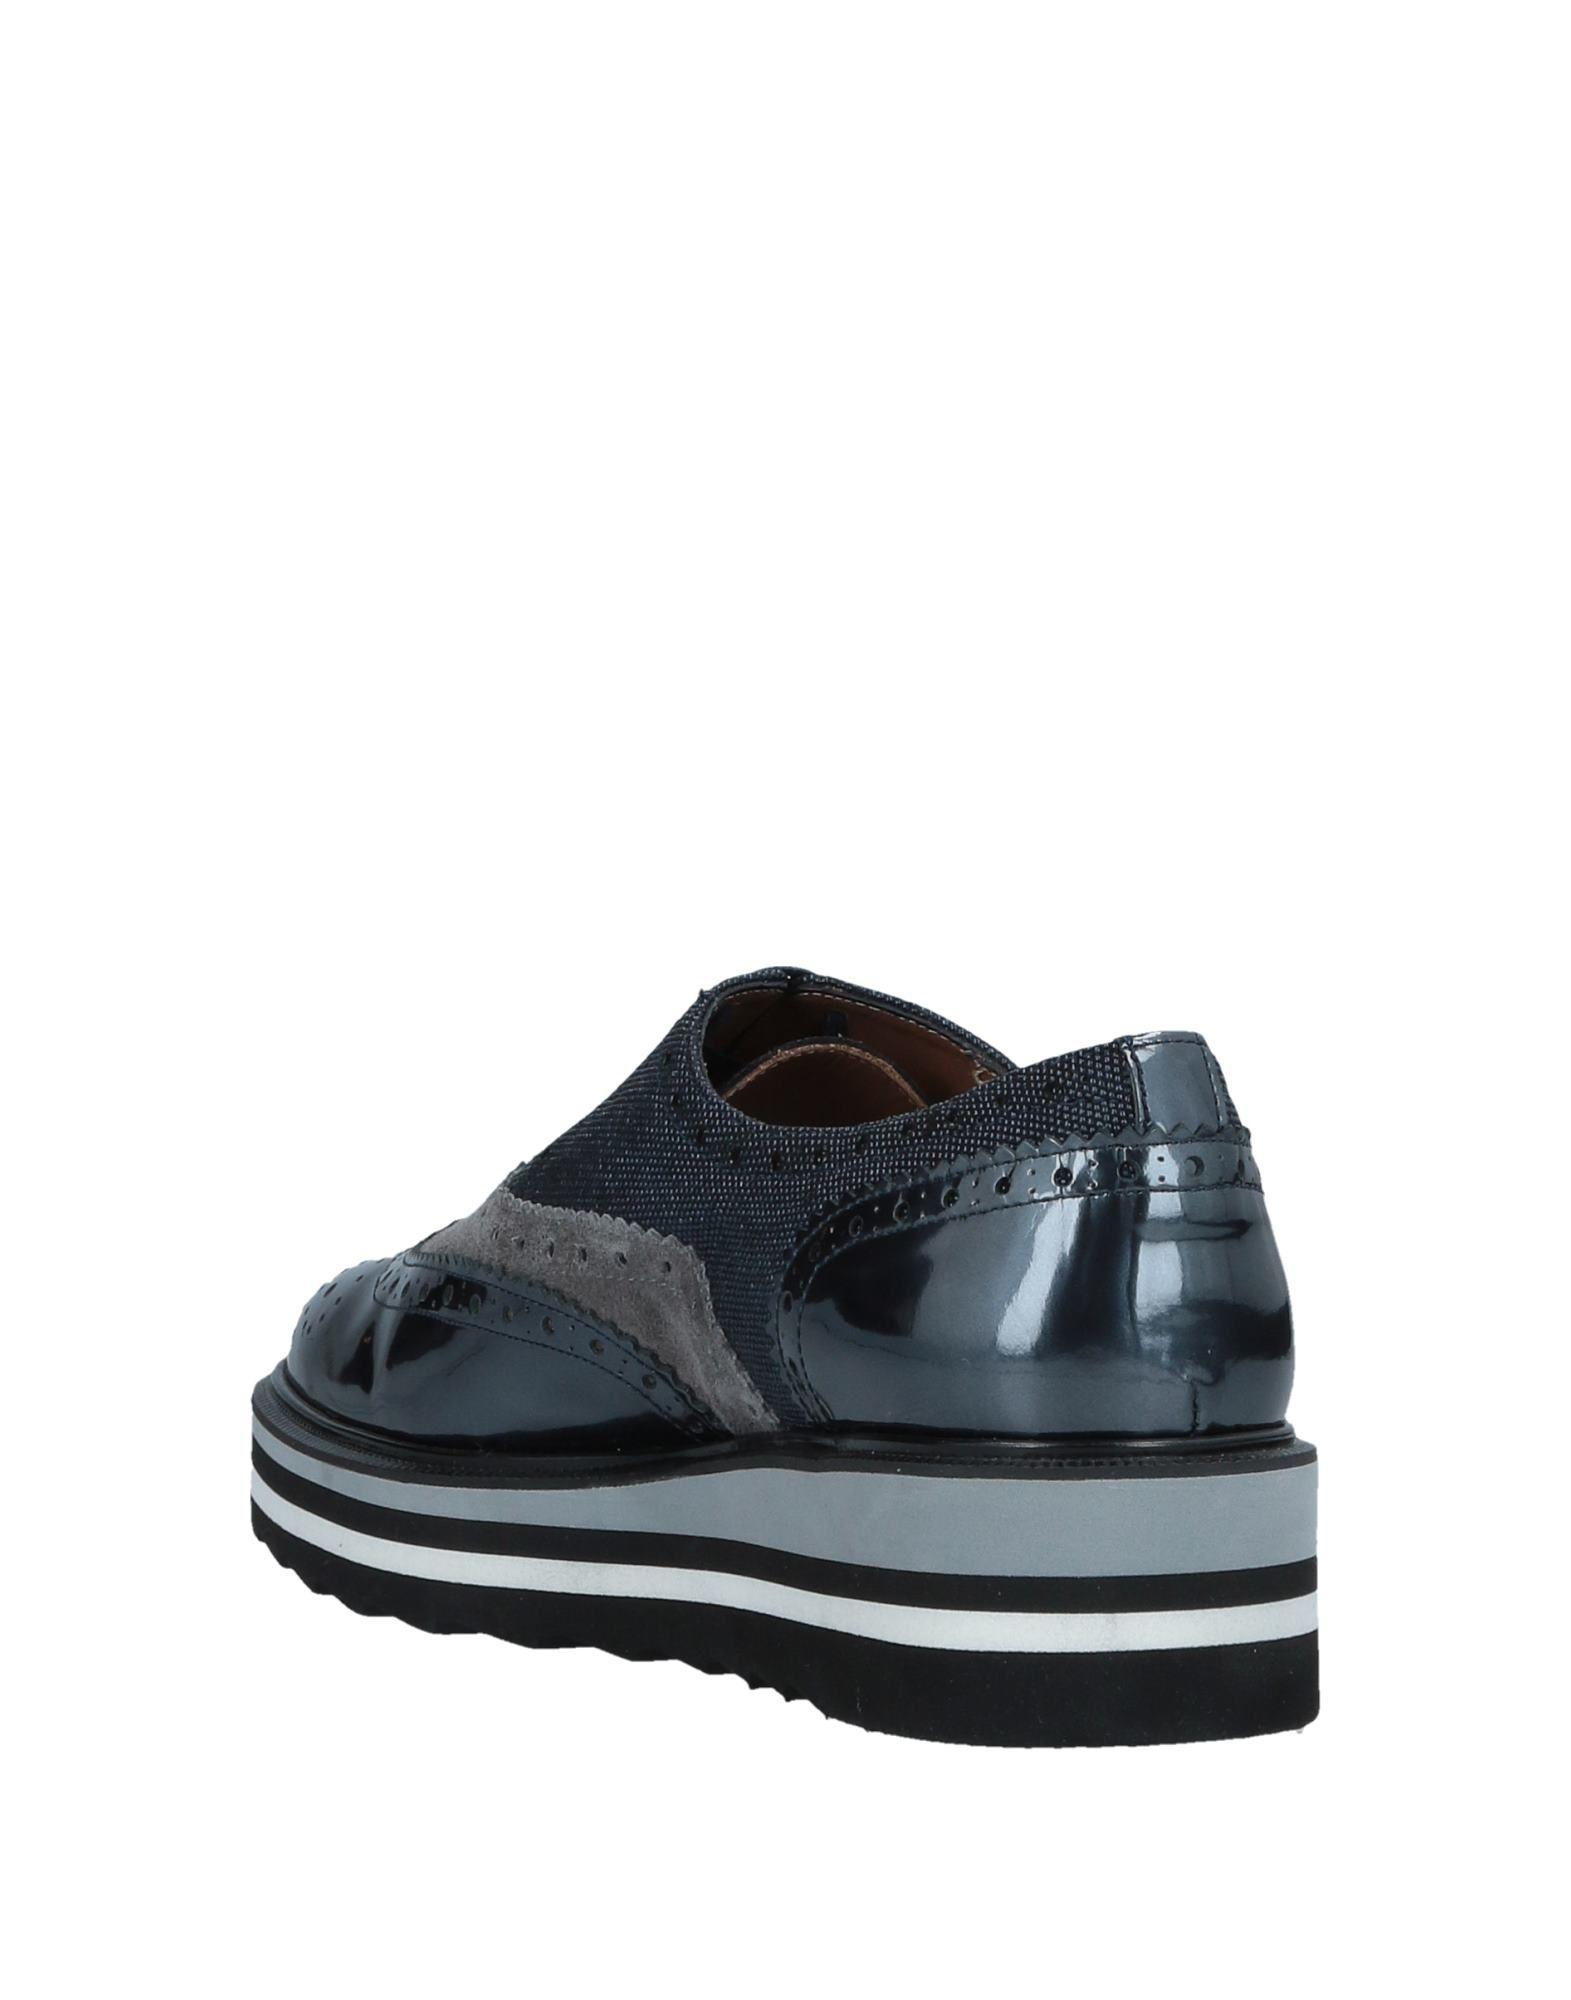 Gut um billige Damen Schuhe zu tragenPertini Schnürschuhe Damen billige  11535086CE 2da686